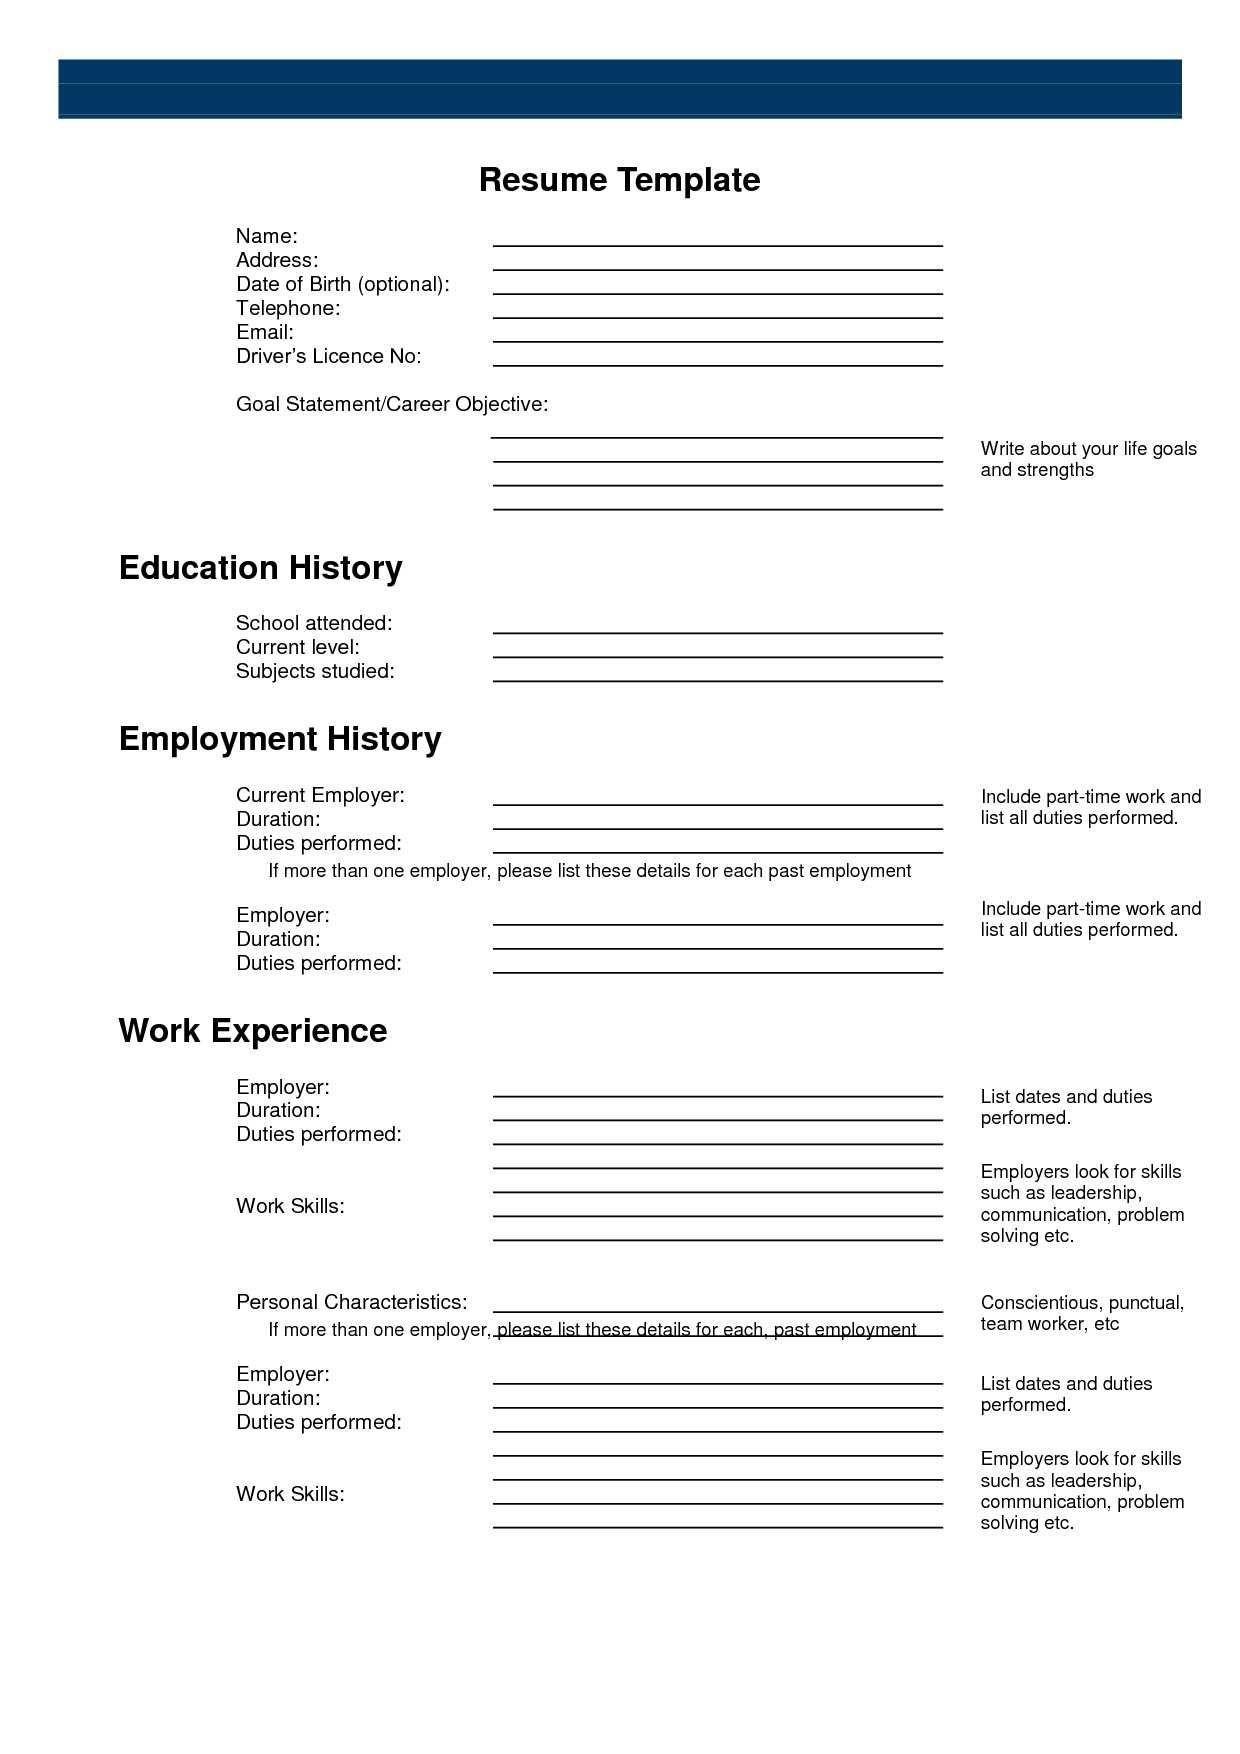 Pinanishfeds On Resumes | Free Printable Resume, Free Printable - Free Printable Resume